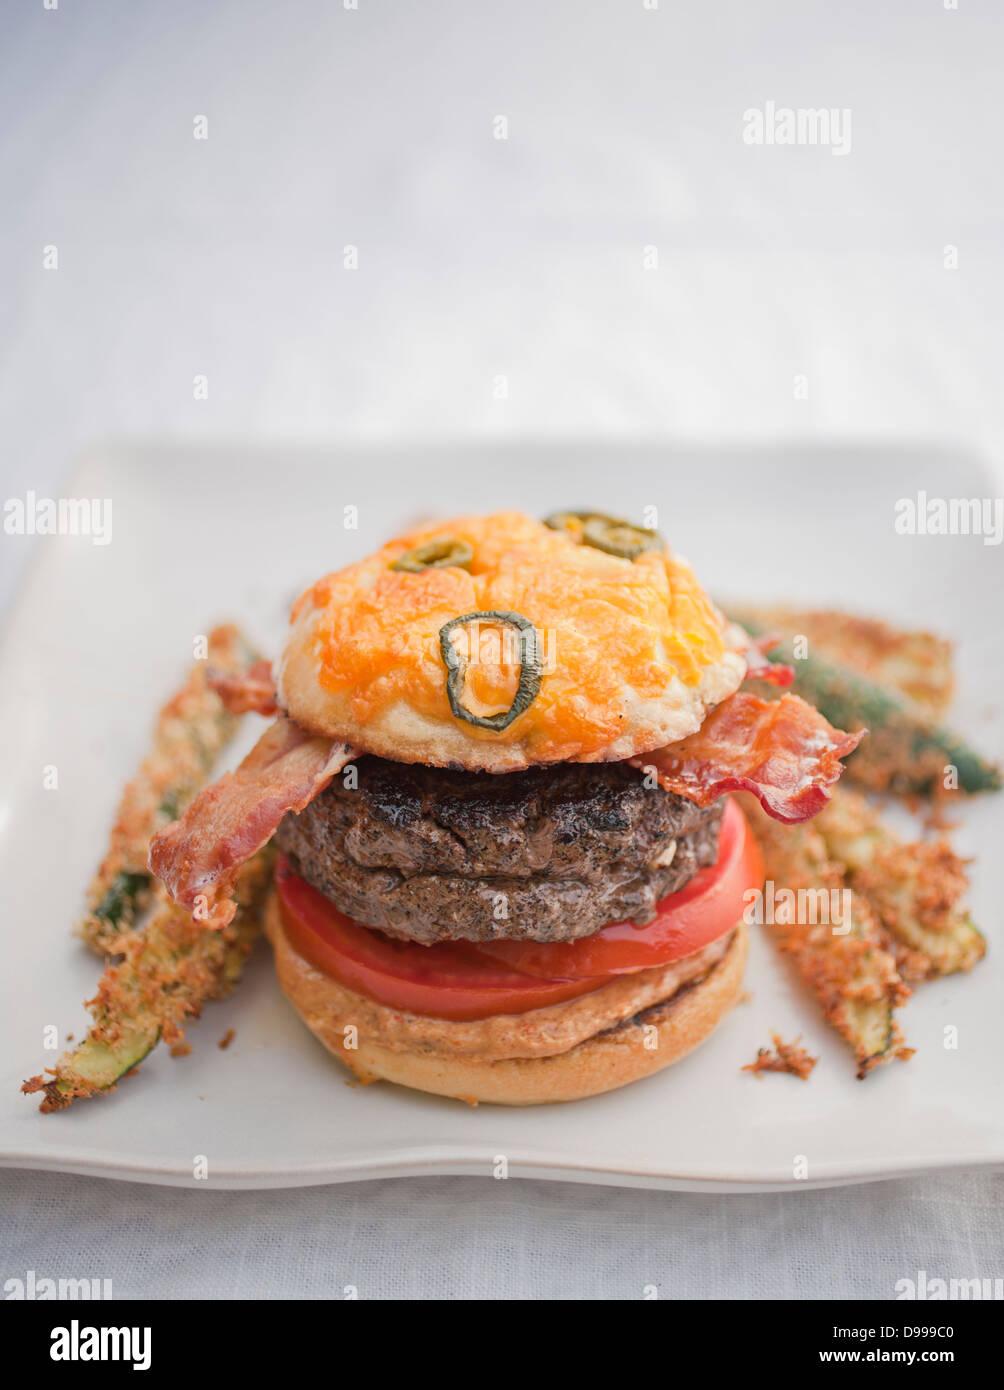 Burger Speck Tomaten Senf Jalapeño Käse Brötchen und Zucchini fries Stockbild